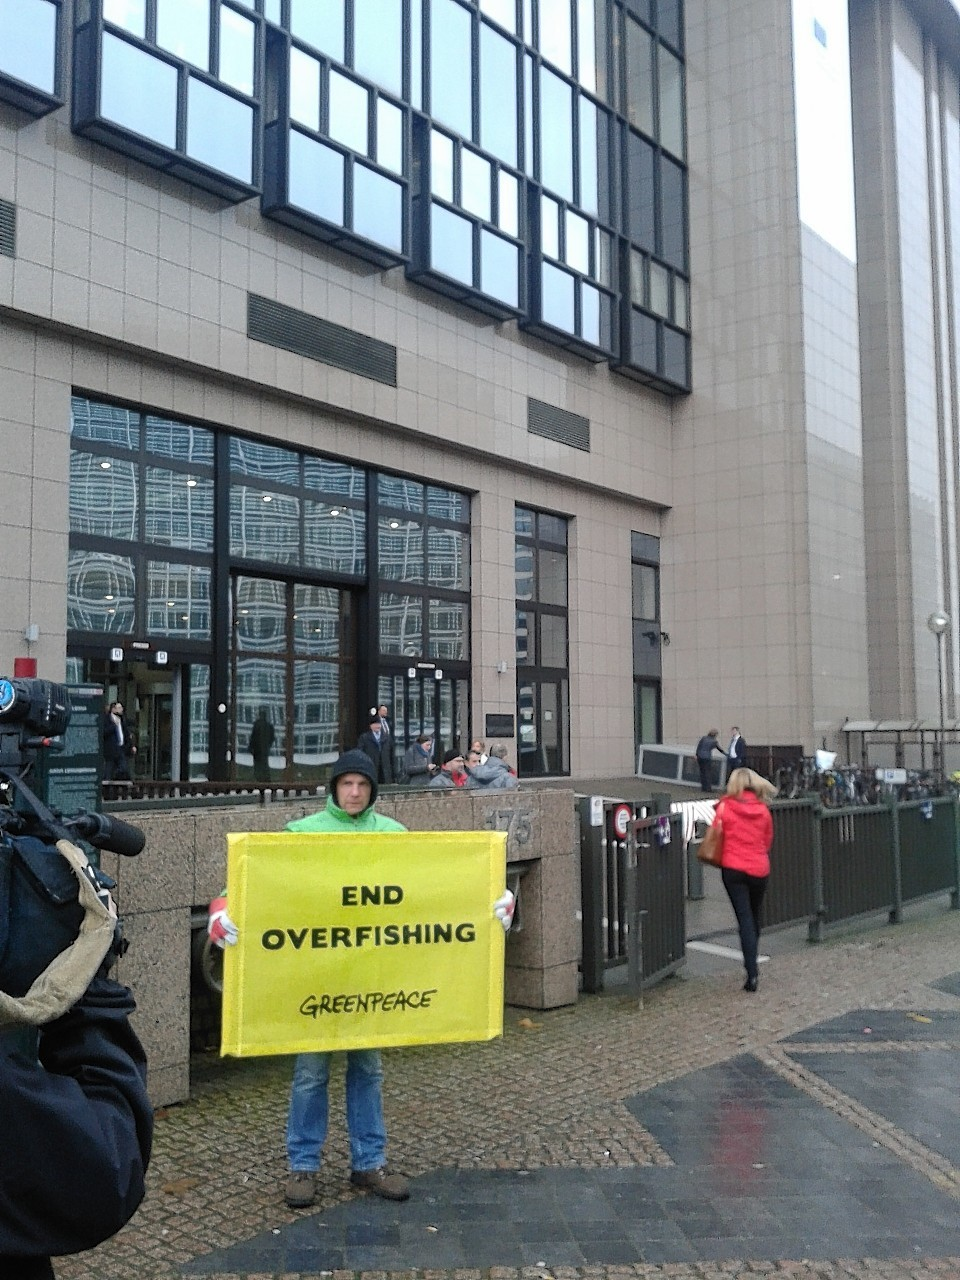 Greenpeace in Brussels